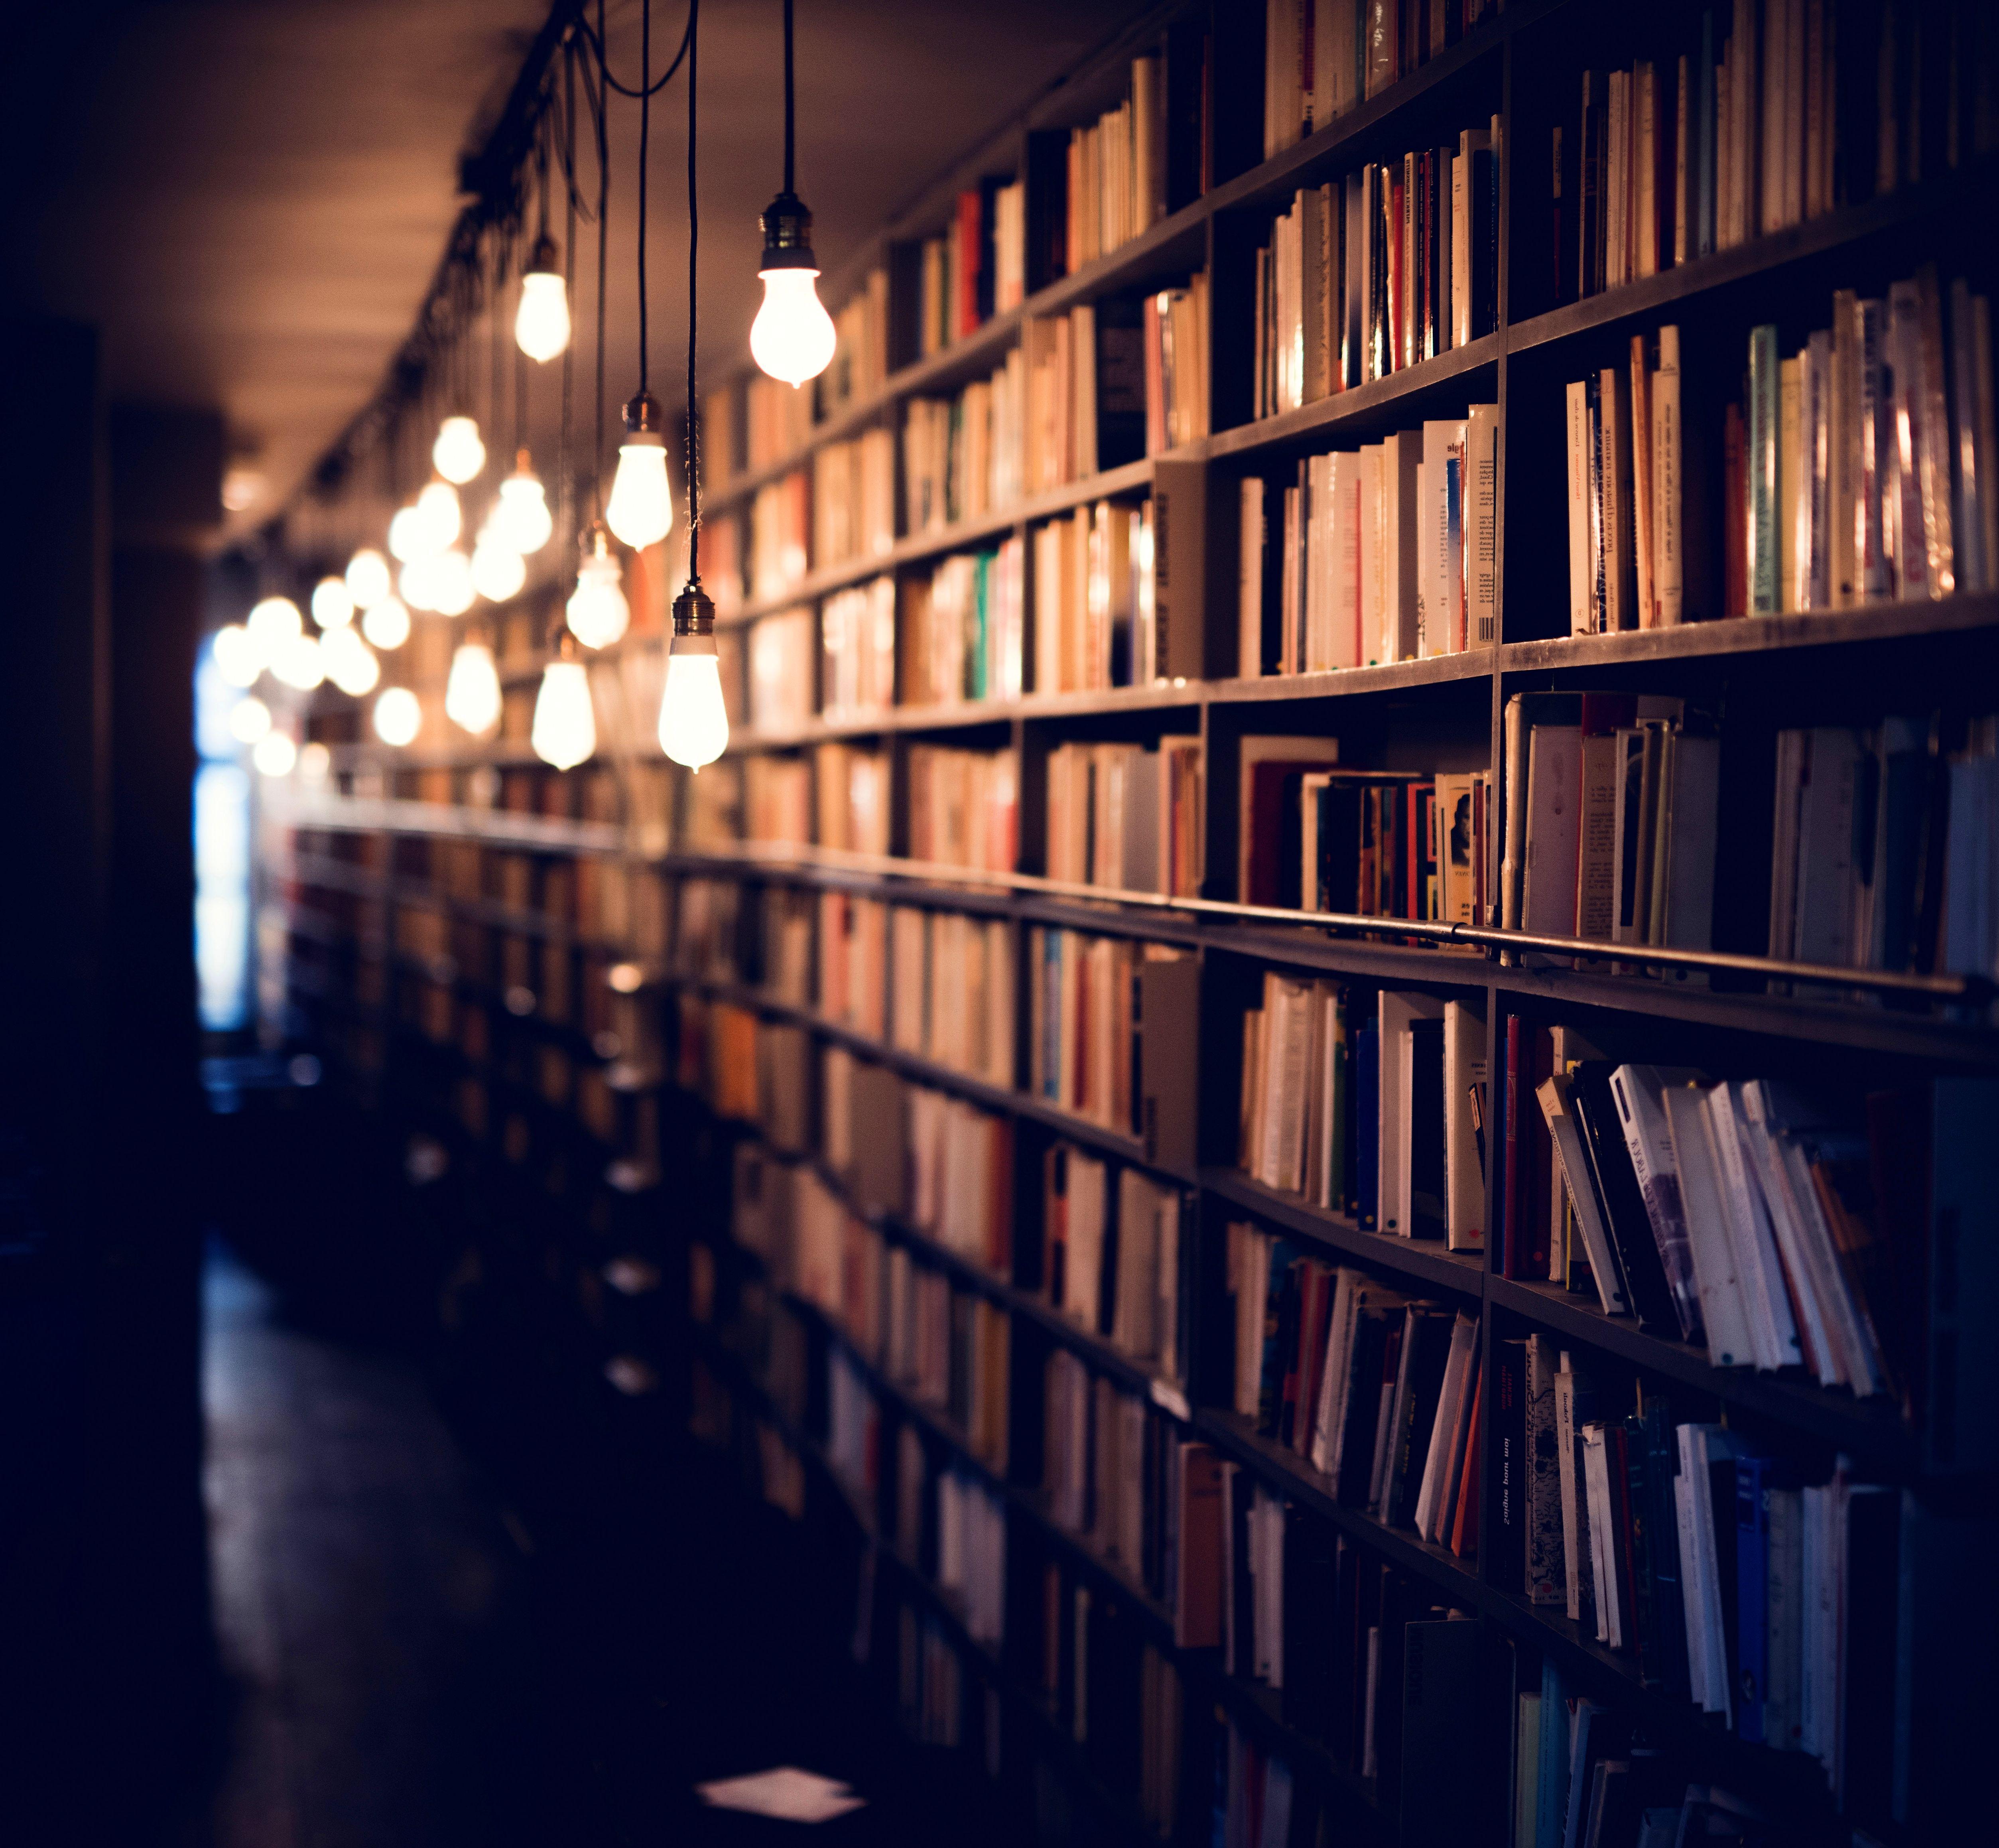 52584 Hintergrundbild herunterladen Bücher, Verschiedenes, Sonstige, Beleuchtung, Bibliothek, Regale - Bildschirmschoner und Bilder kostenlos